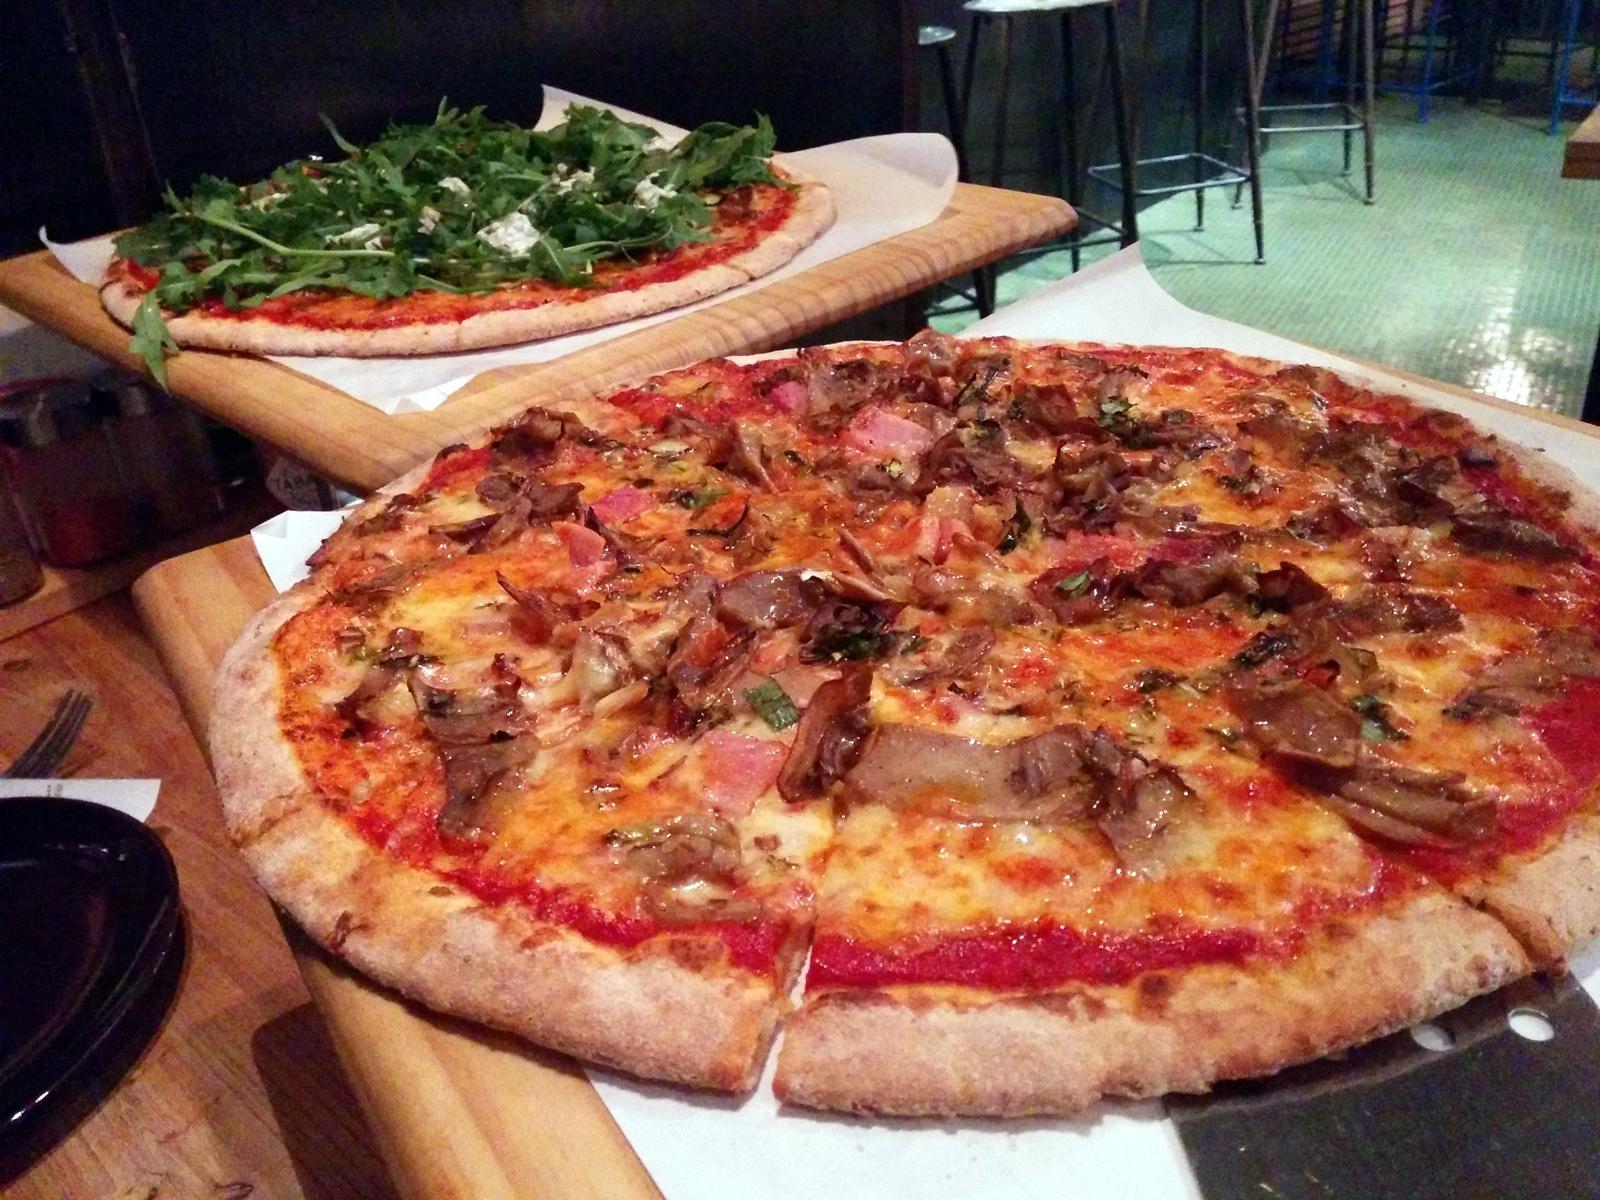 10 of the best pizza restaurants in beijing for Pizza restaurants